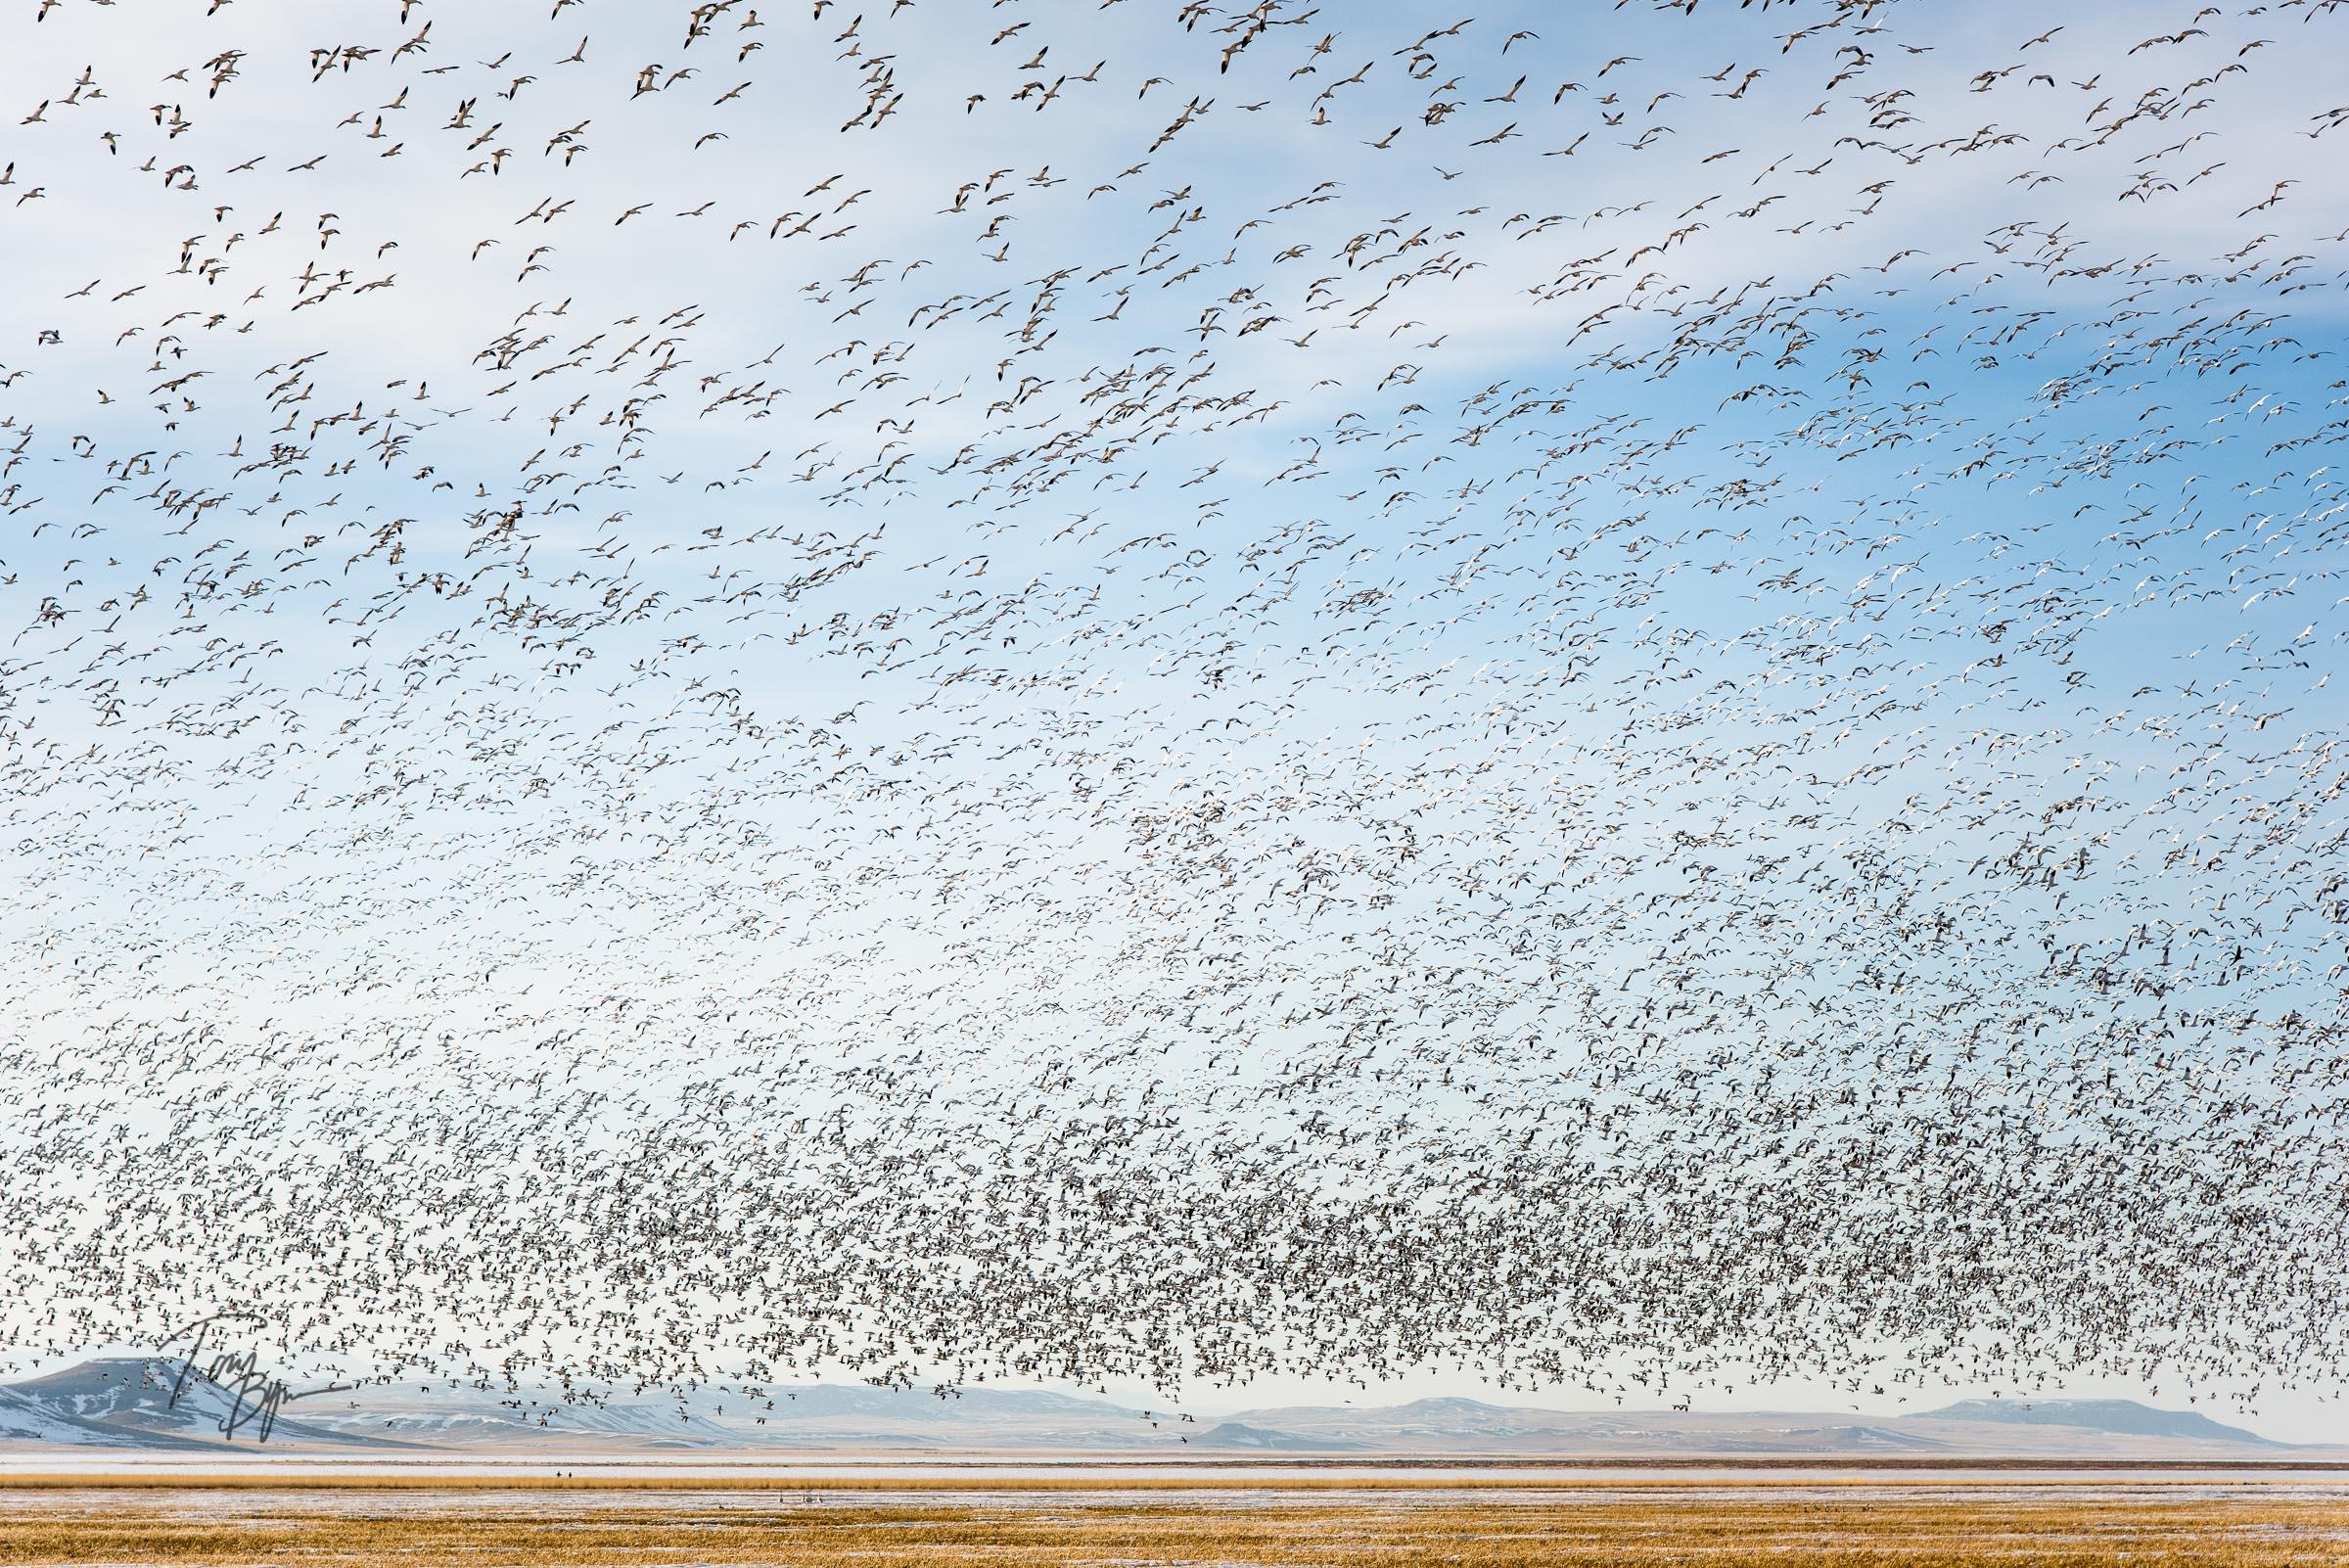 snow-geese-bynum-8760.JPG